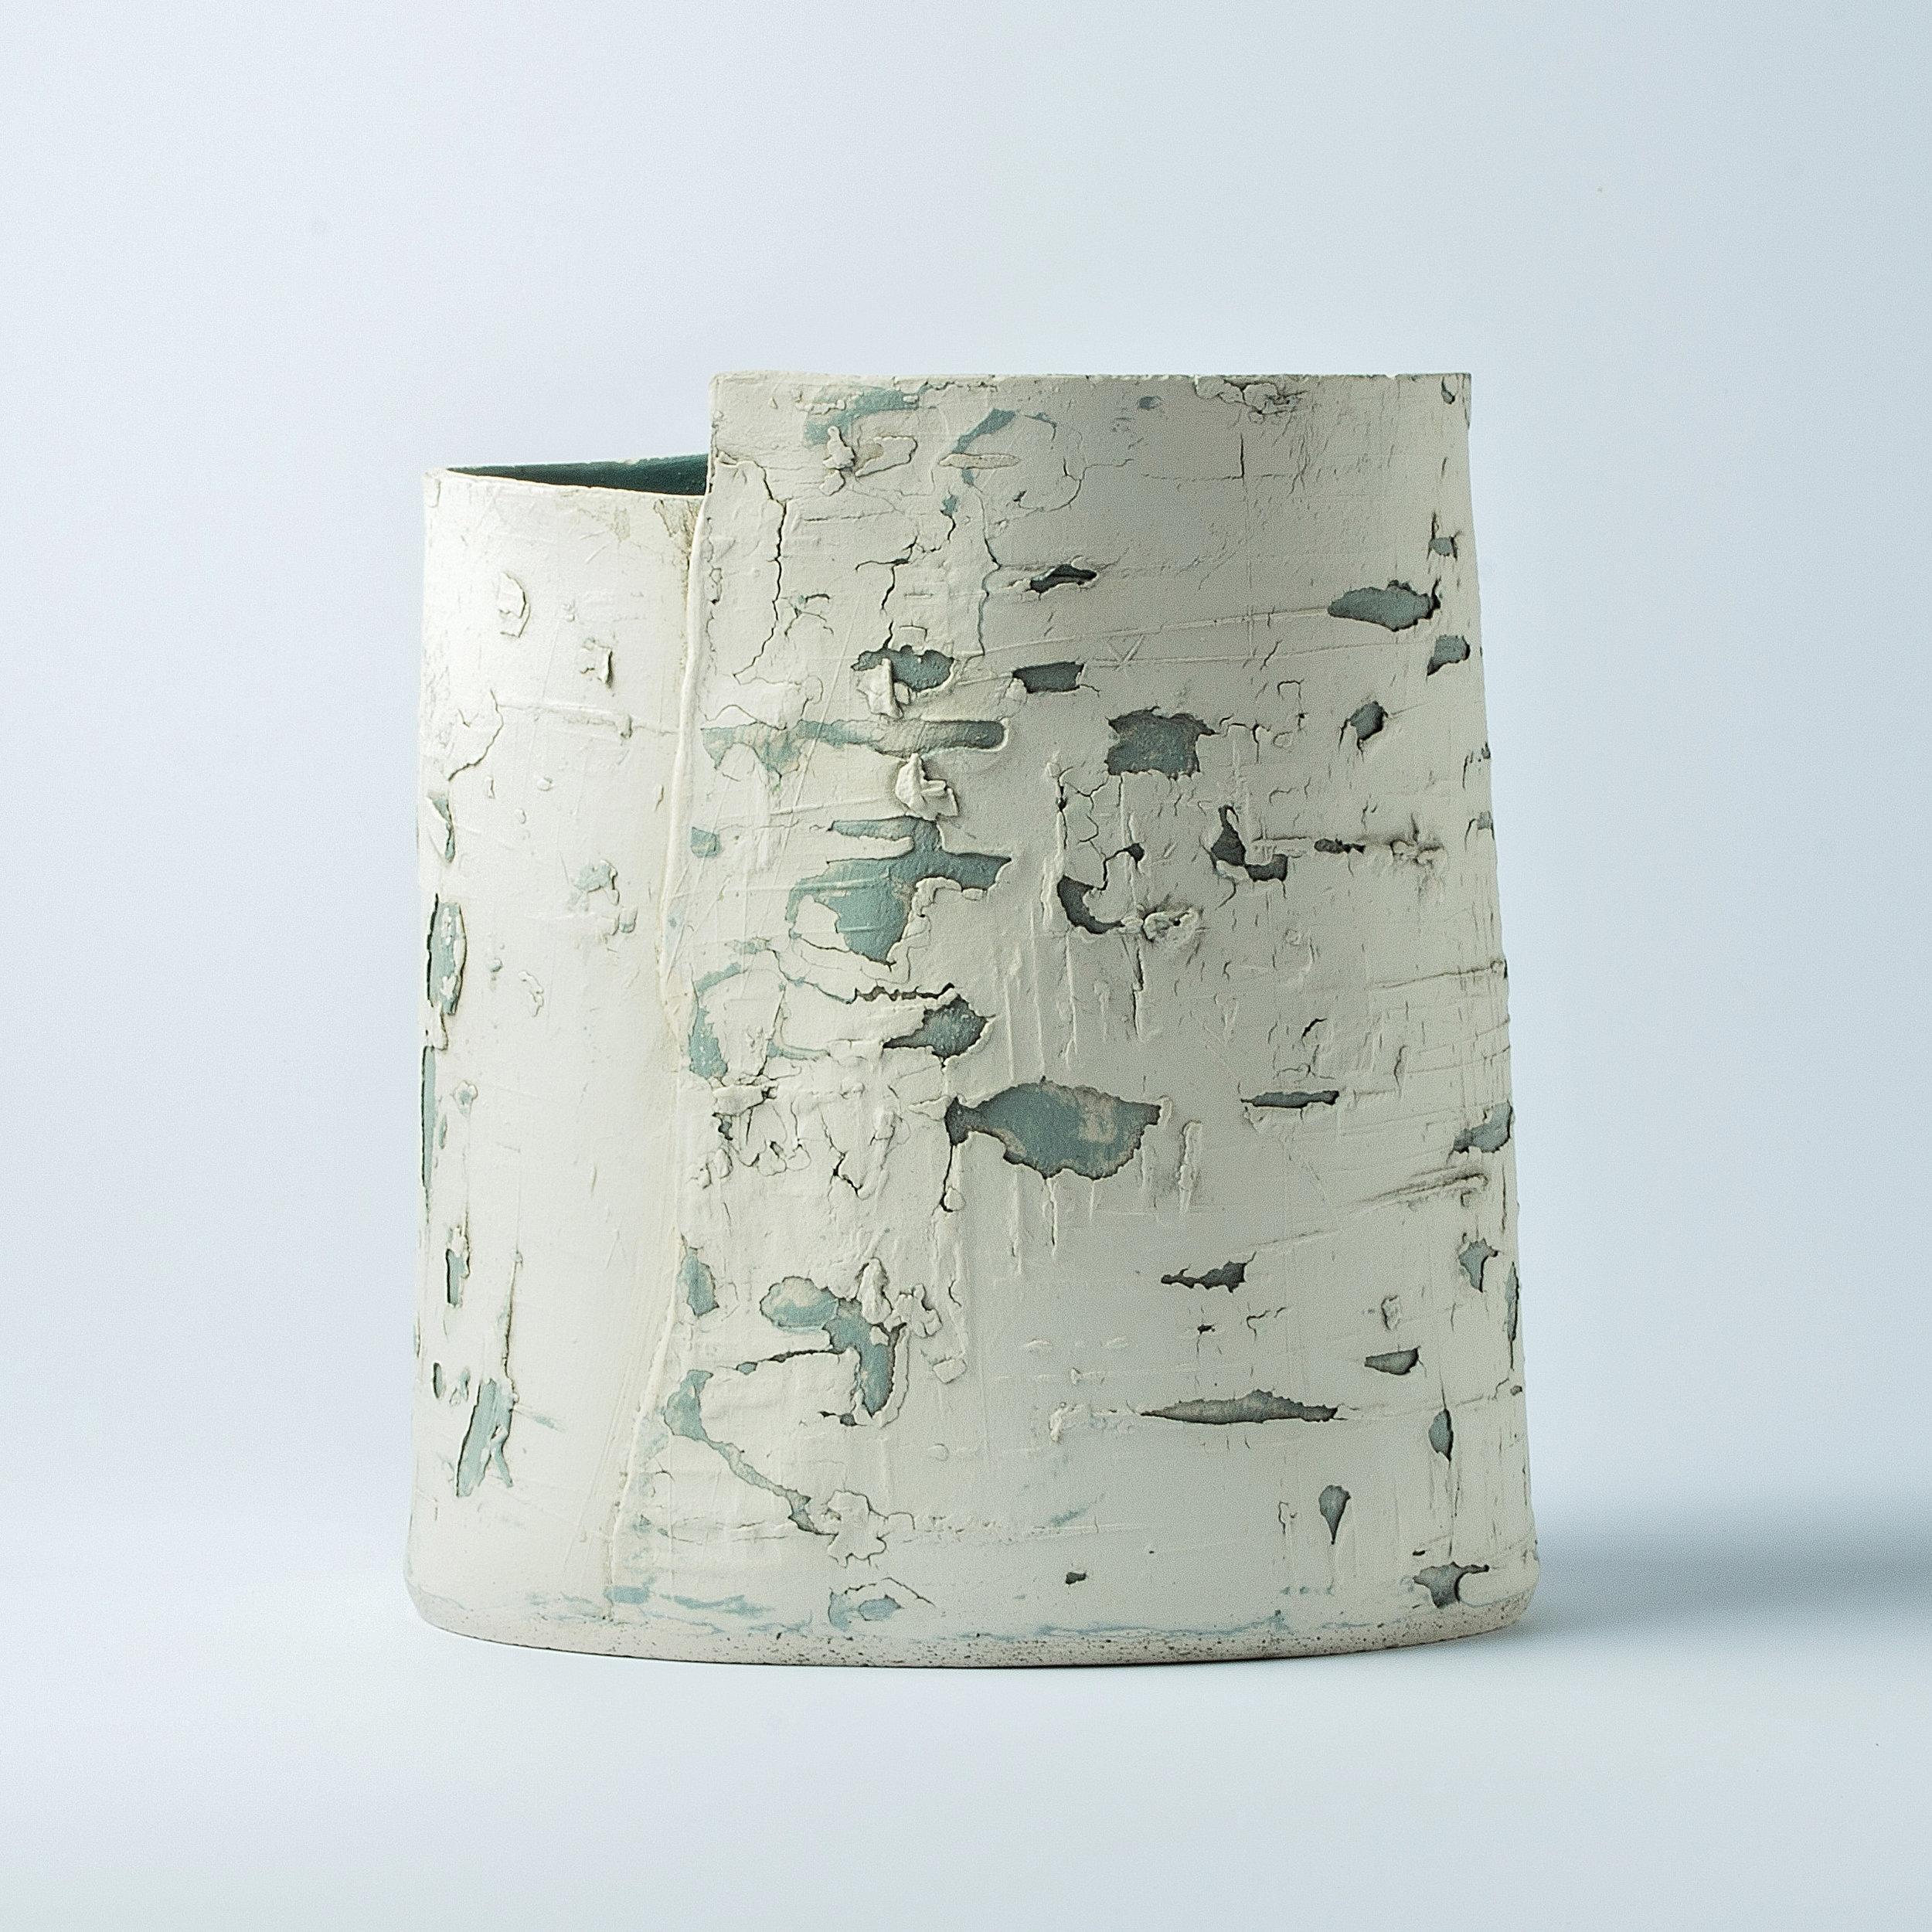 Potlatch Vessel-Peel (Wide).jpg